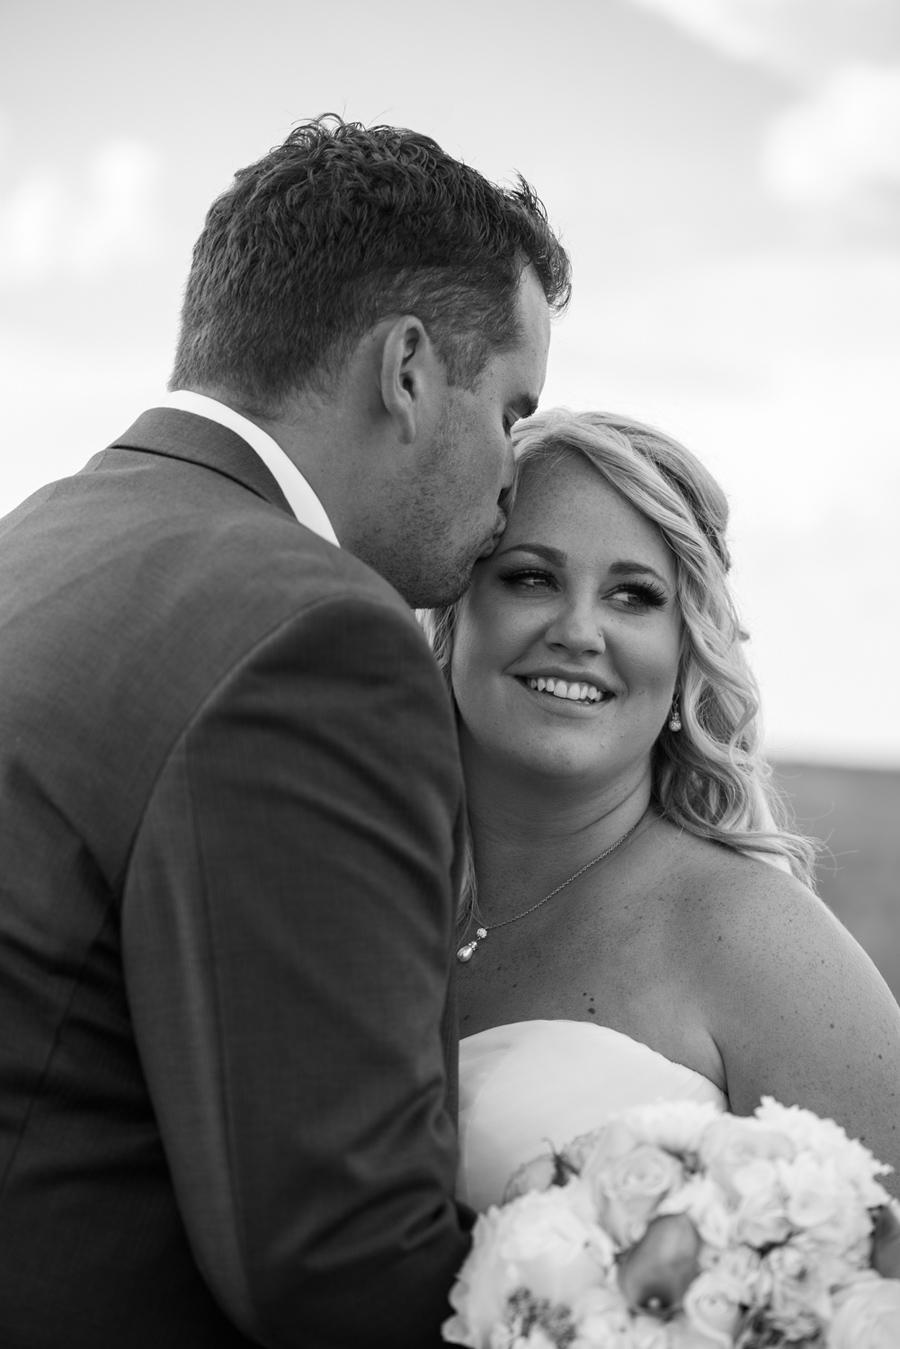 bbcollective_yeg_2016_ashleyandcraig_wedding_photography048.jpg